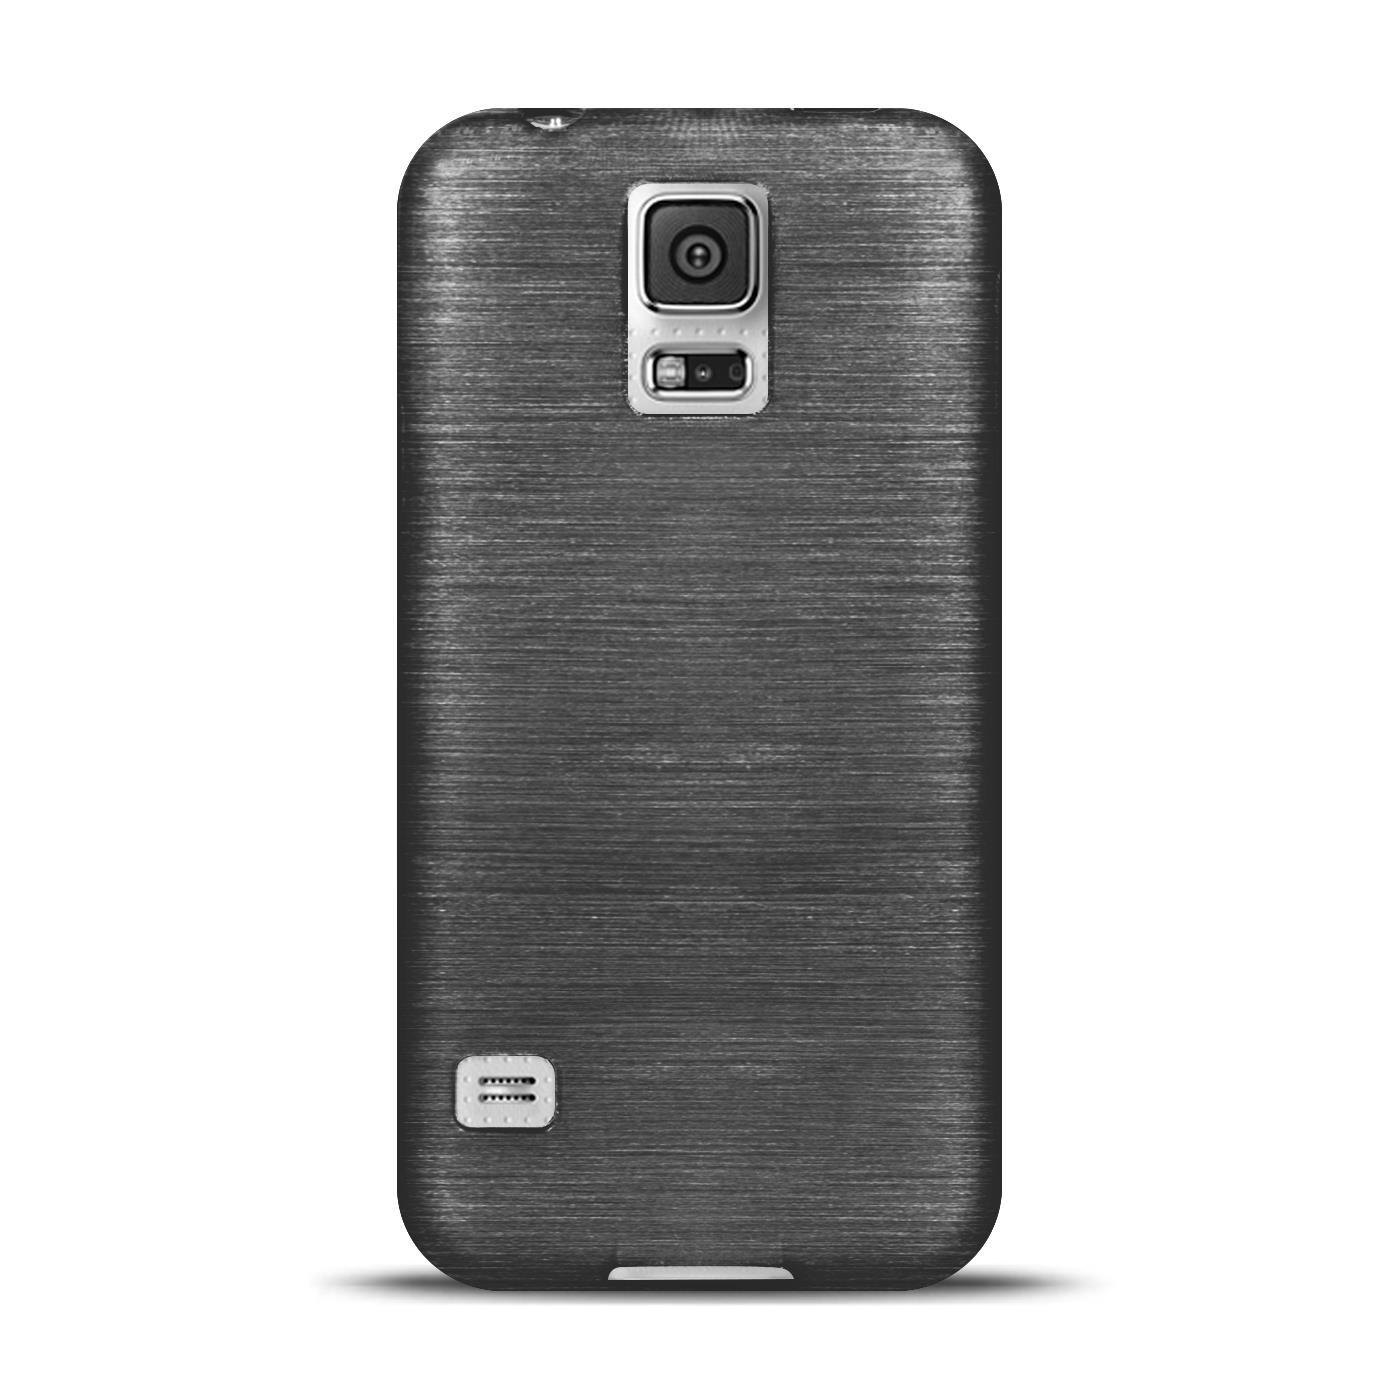 Silikon-Bumper-Case-Samsung-Galaxy-s5-Neo-duenne-ultra-slim-Stossfeste-Rueckschale Indexbild 6